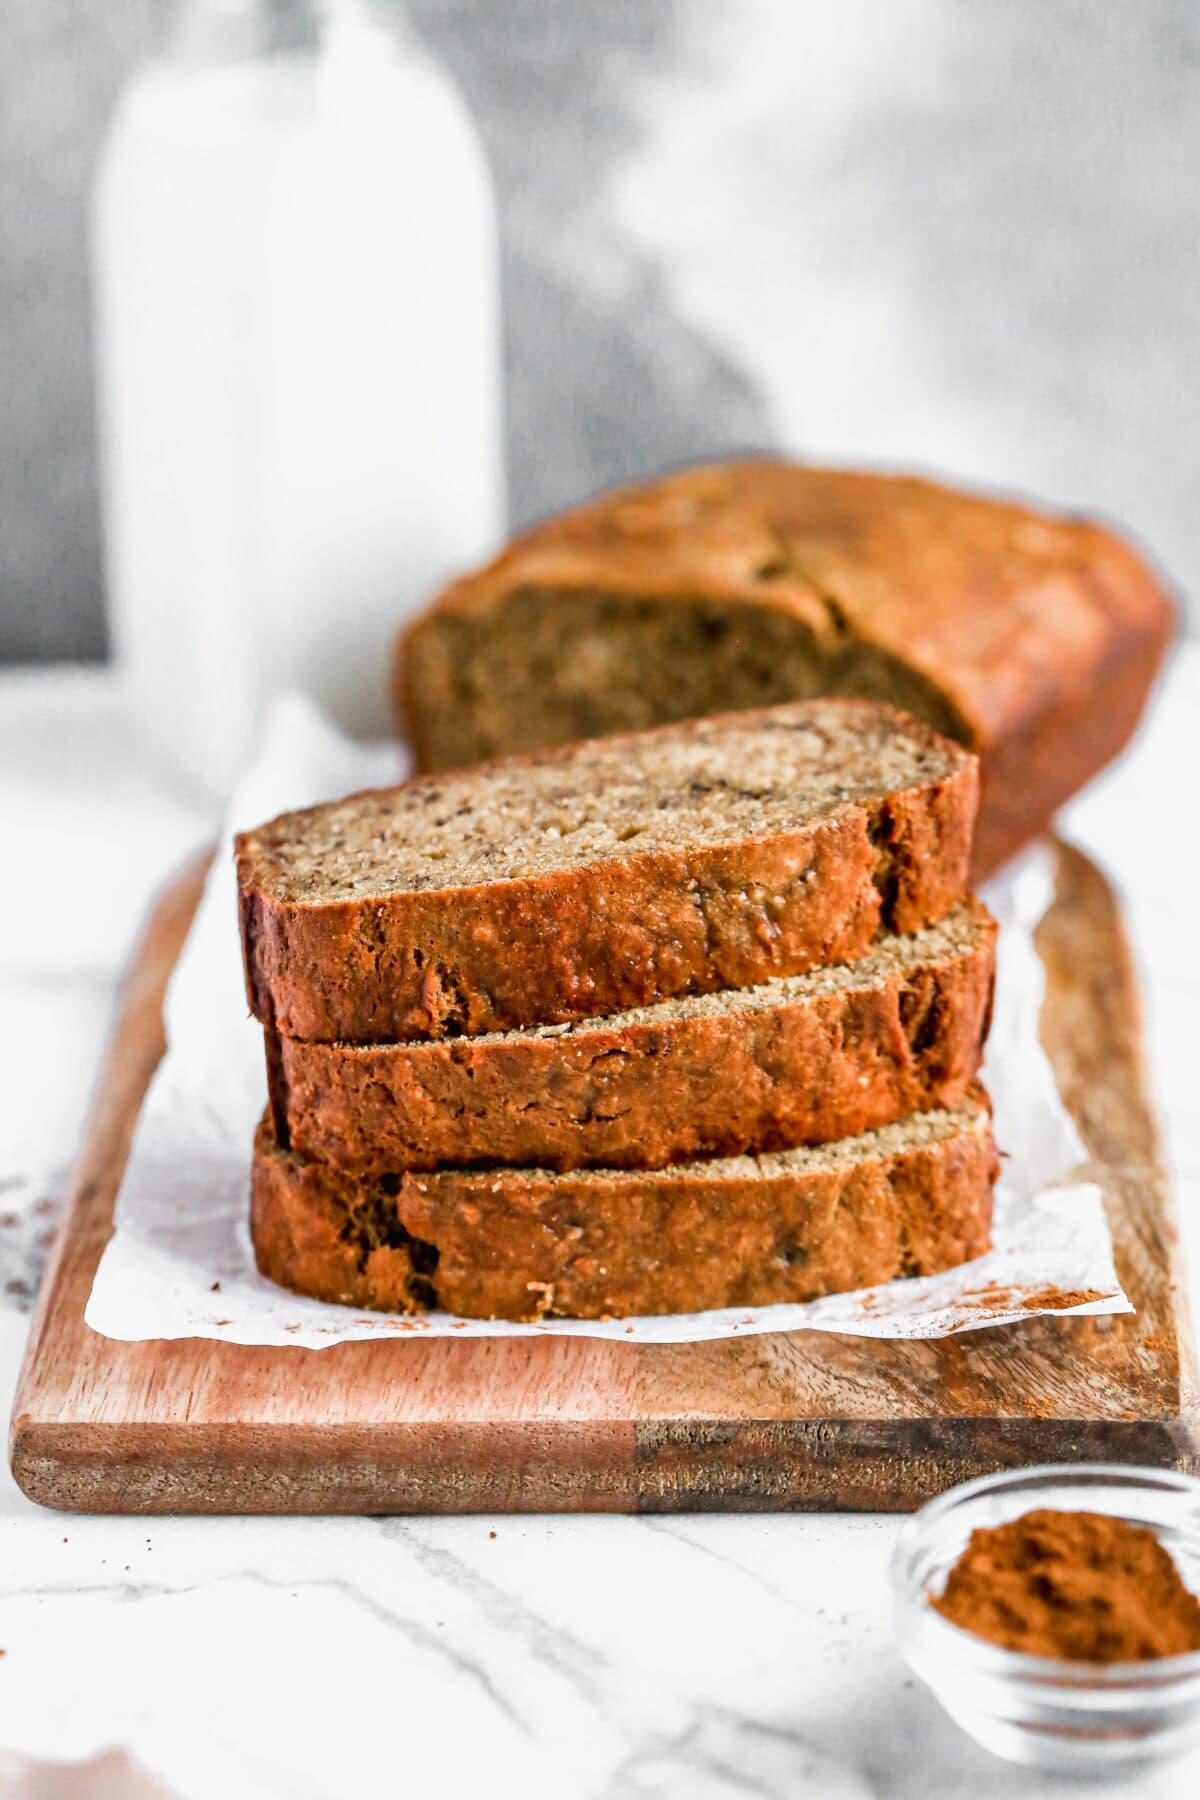 Easy healthy banana bread slices